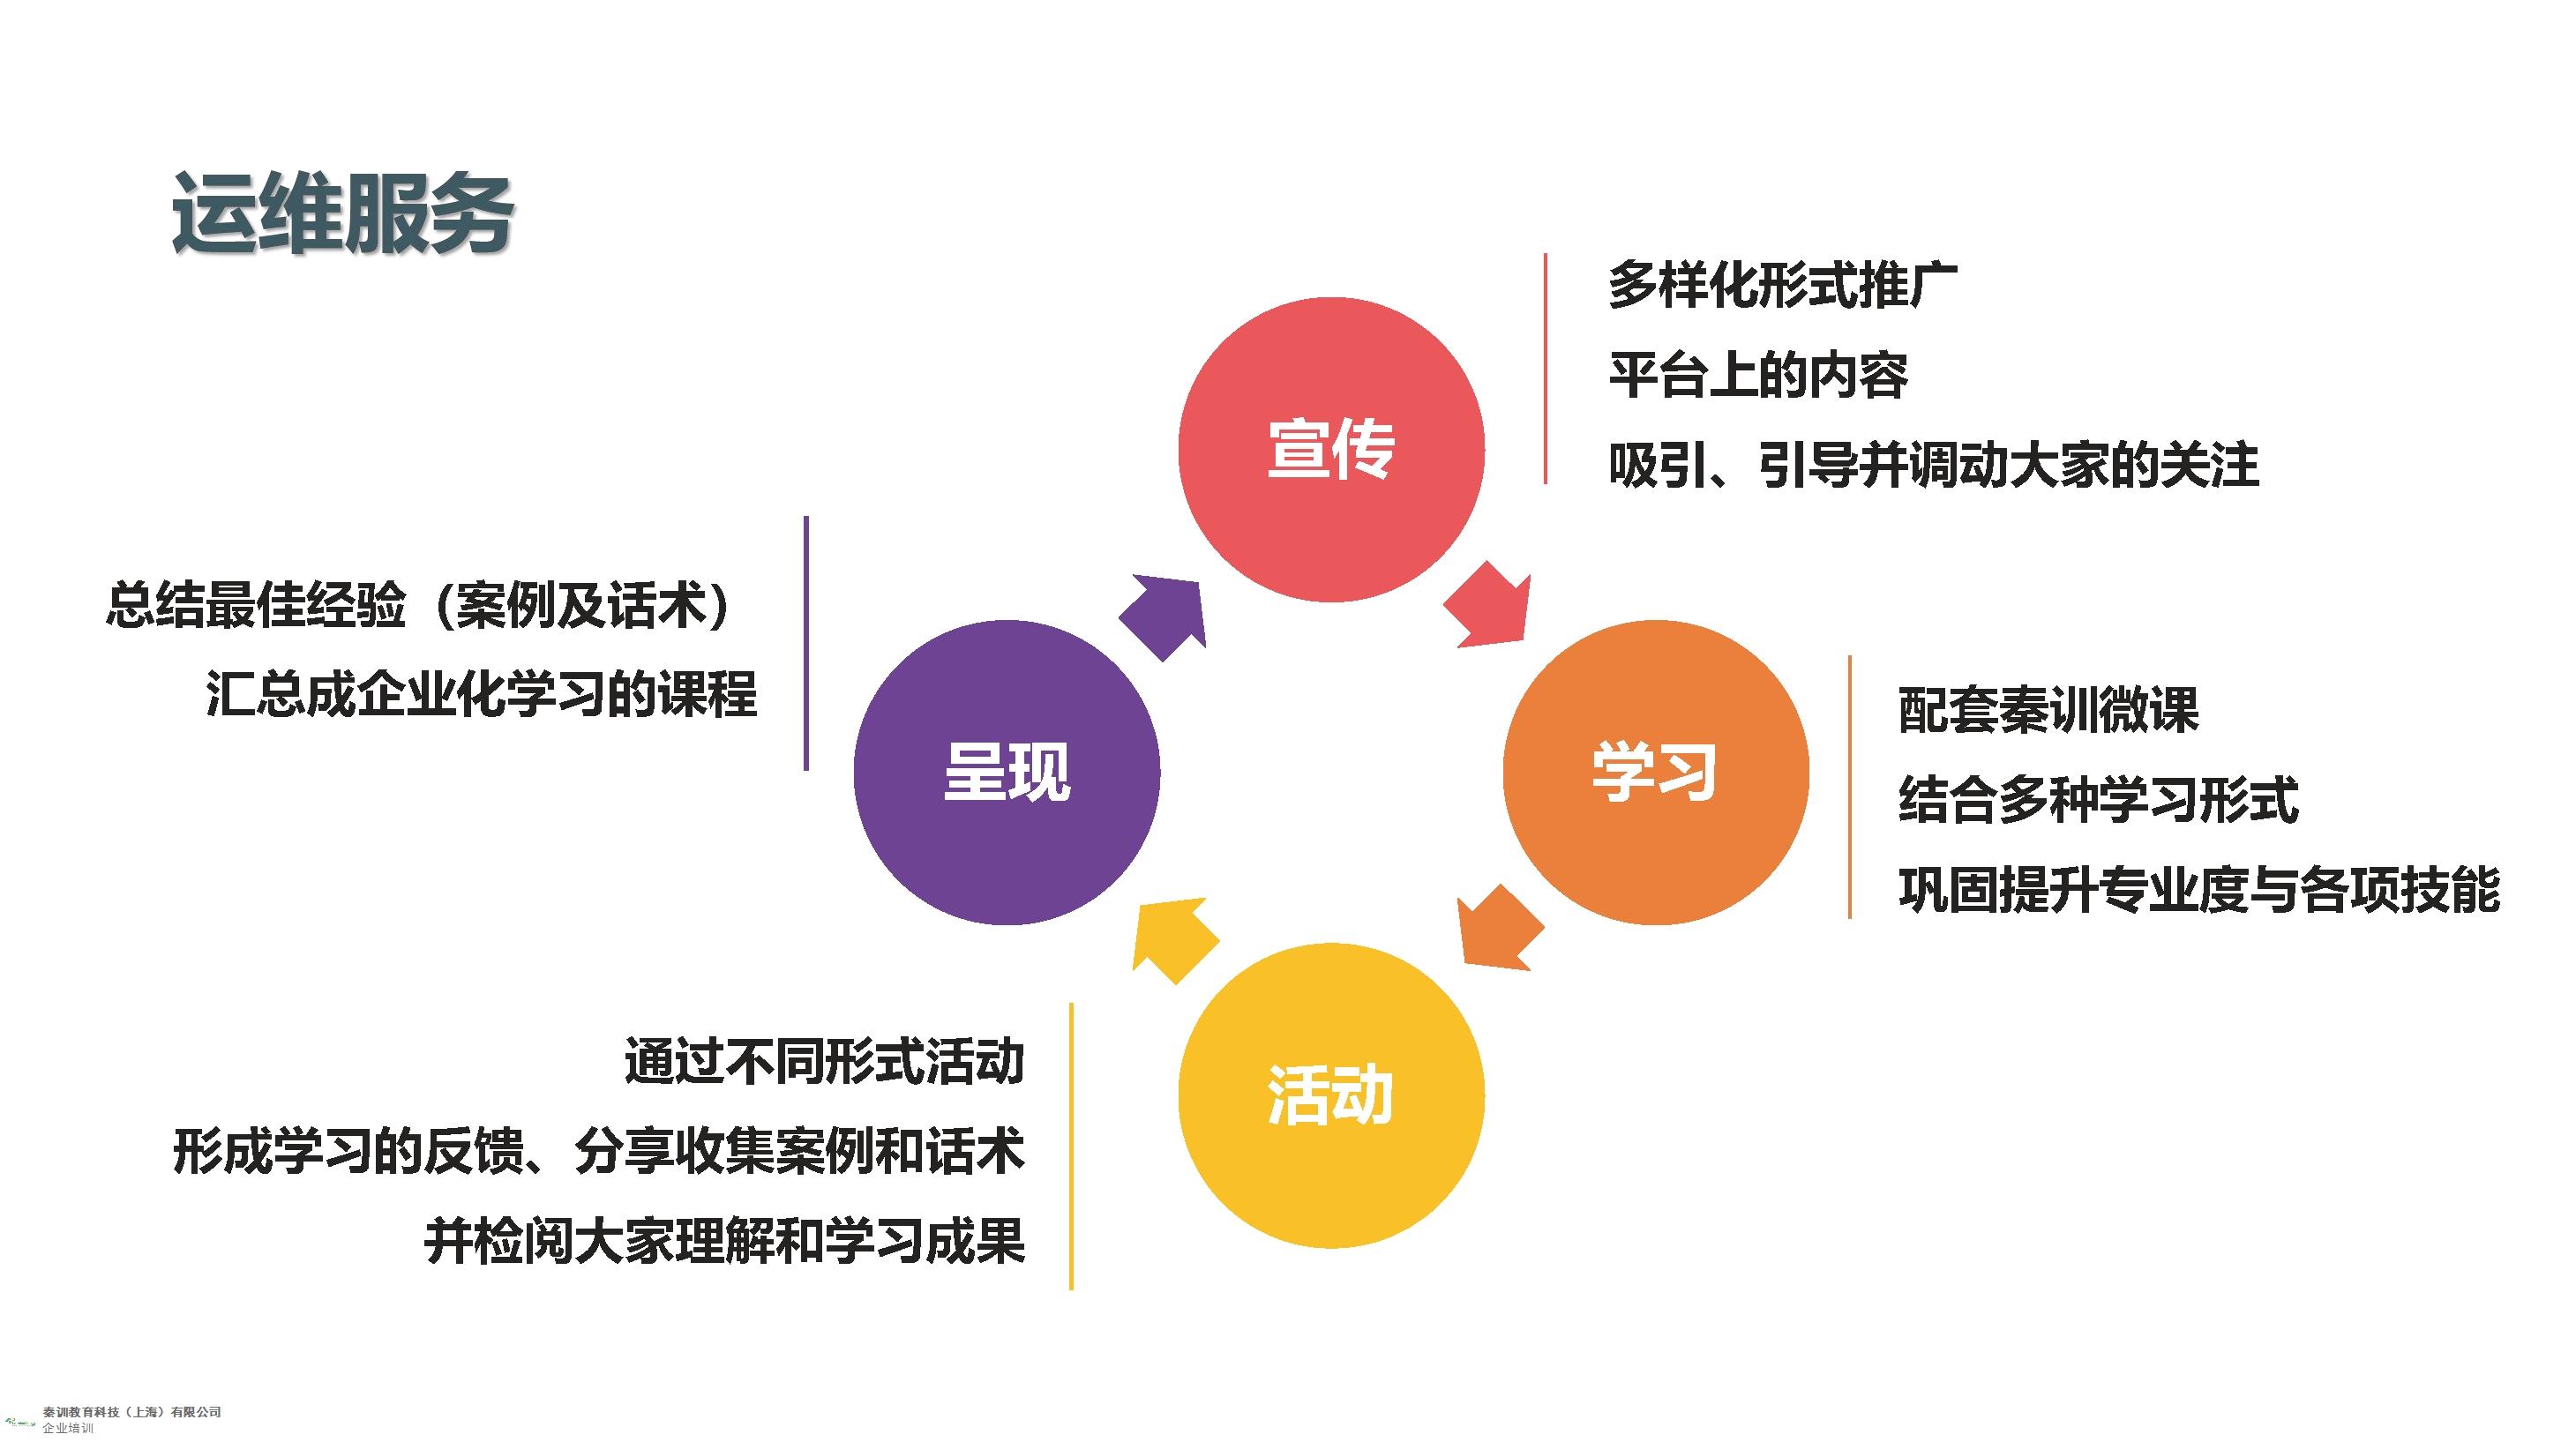 无锡创意线上销售课程创新服务 来电咨询「上海秦训教育科技供应」